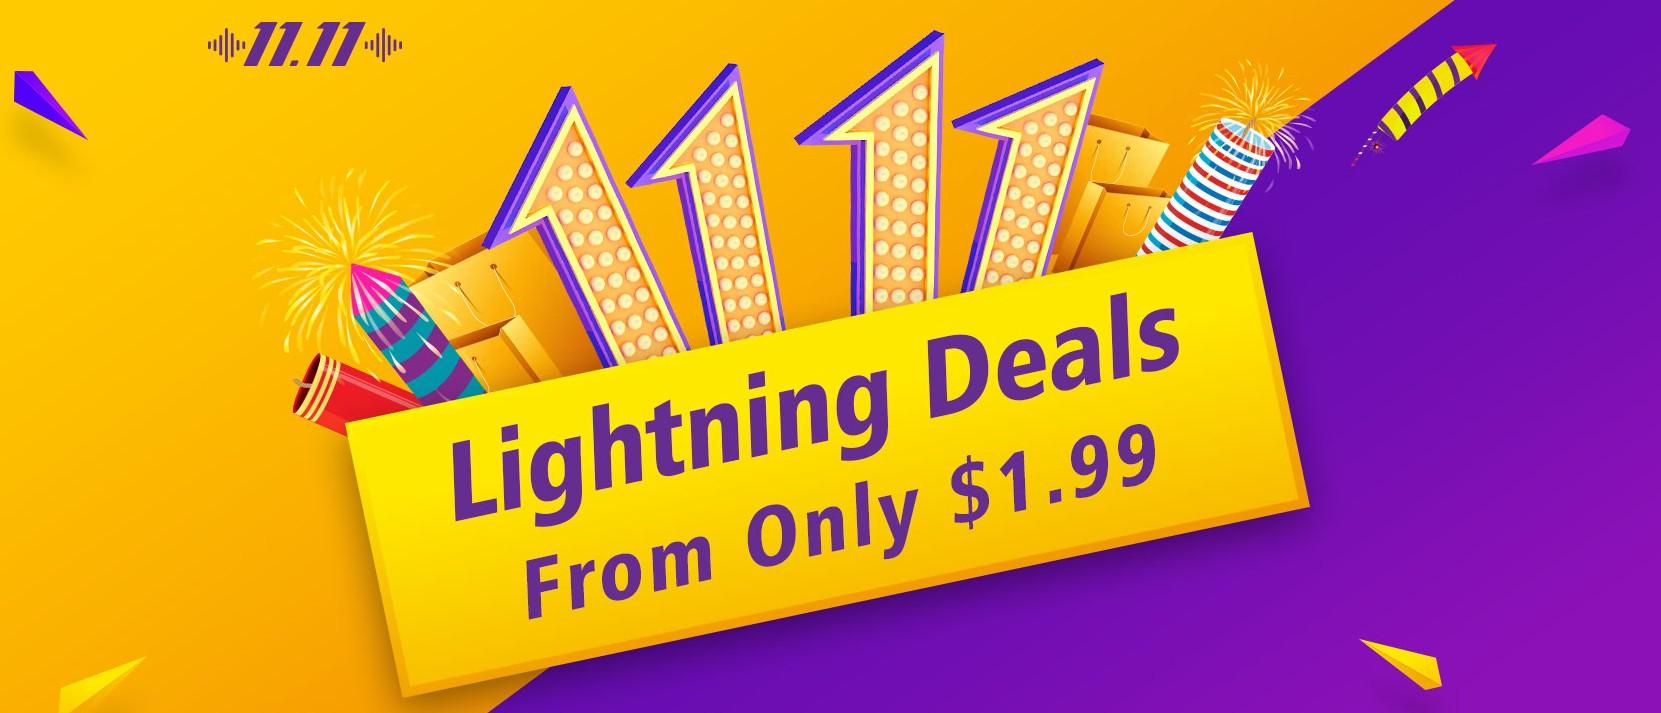 11.11 Lightning Deals